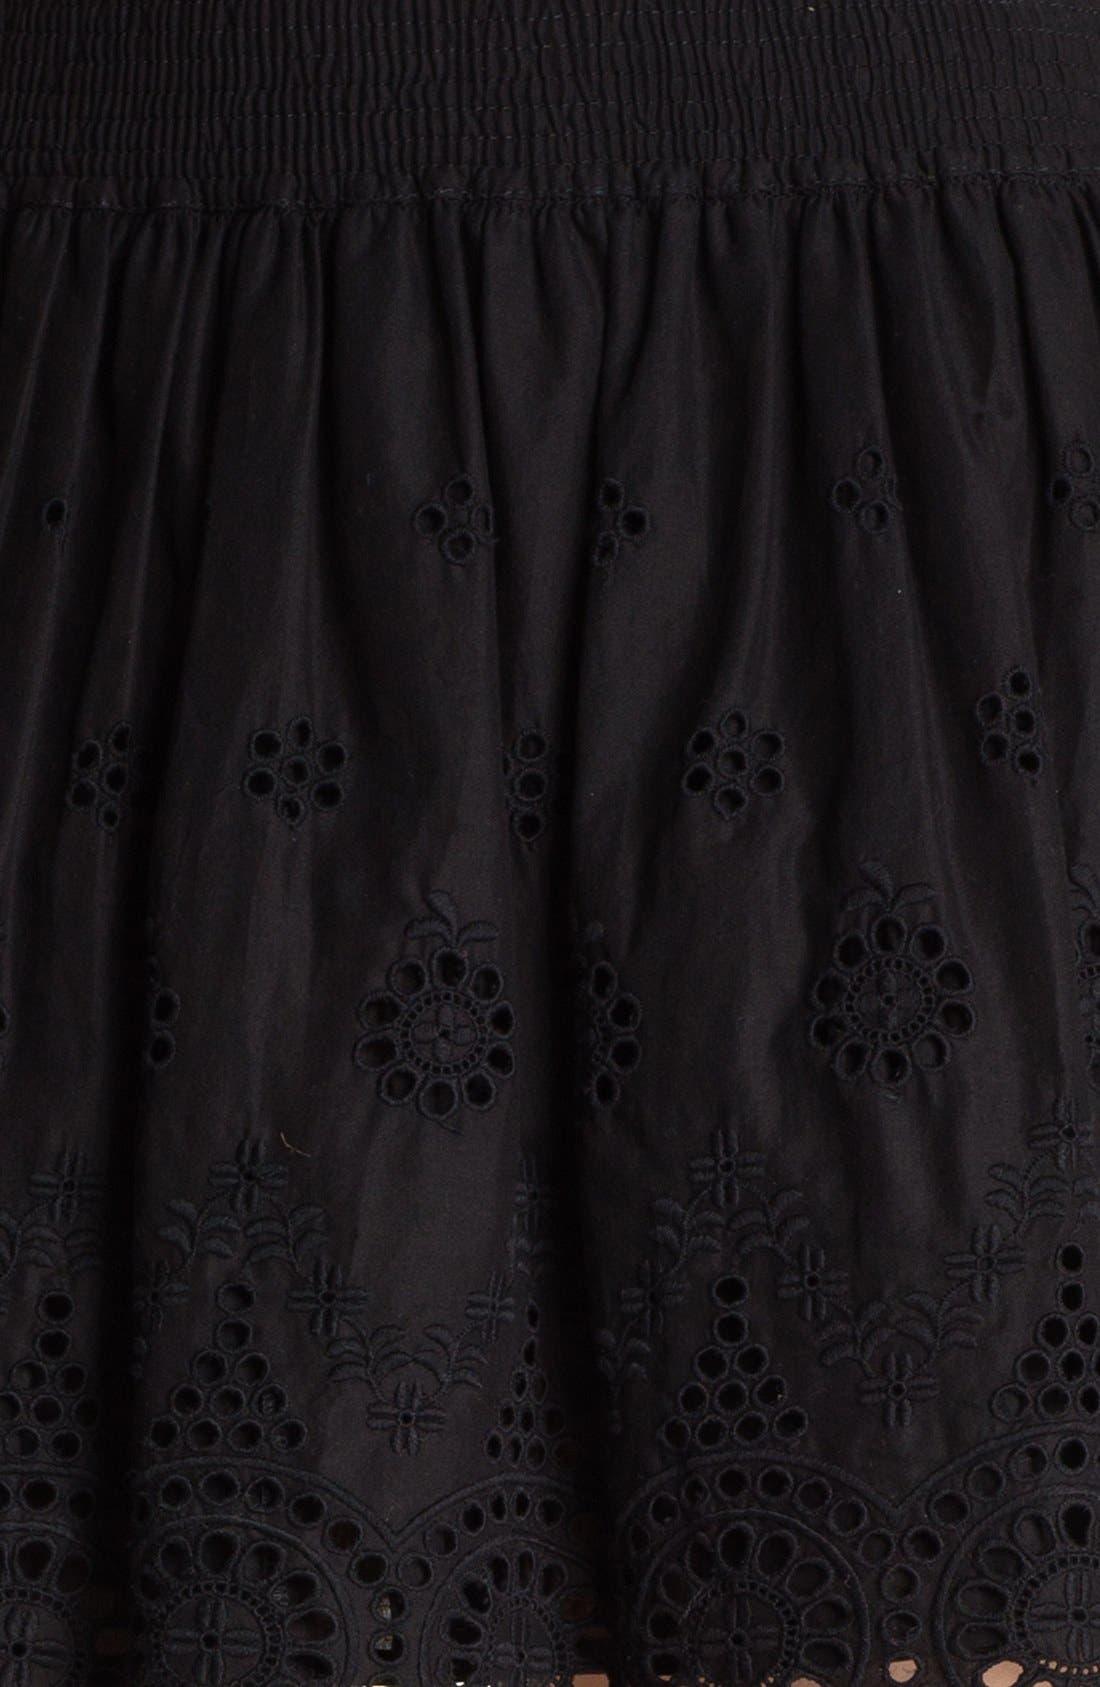 Eyelet Embroidered Skirt,                             Alternate thumbnail 3, color,                             001